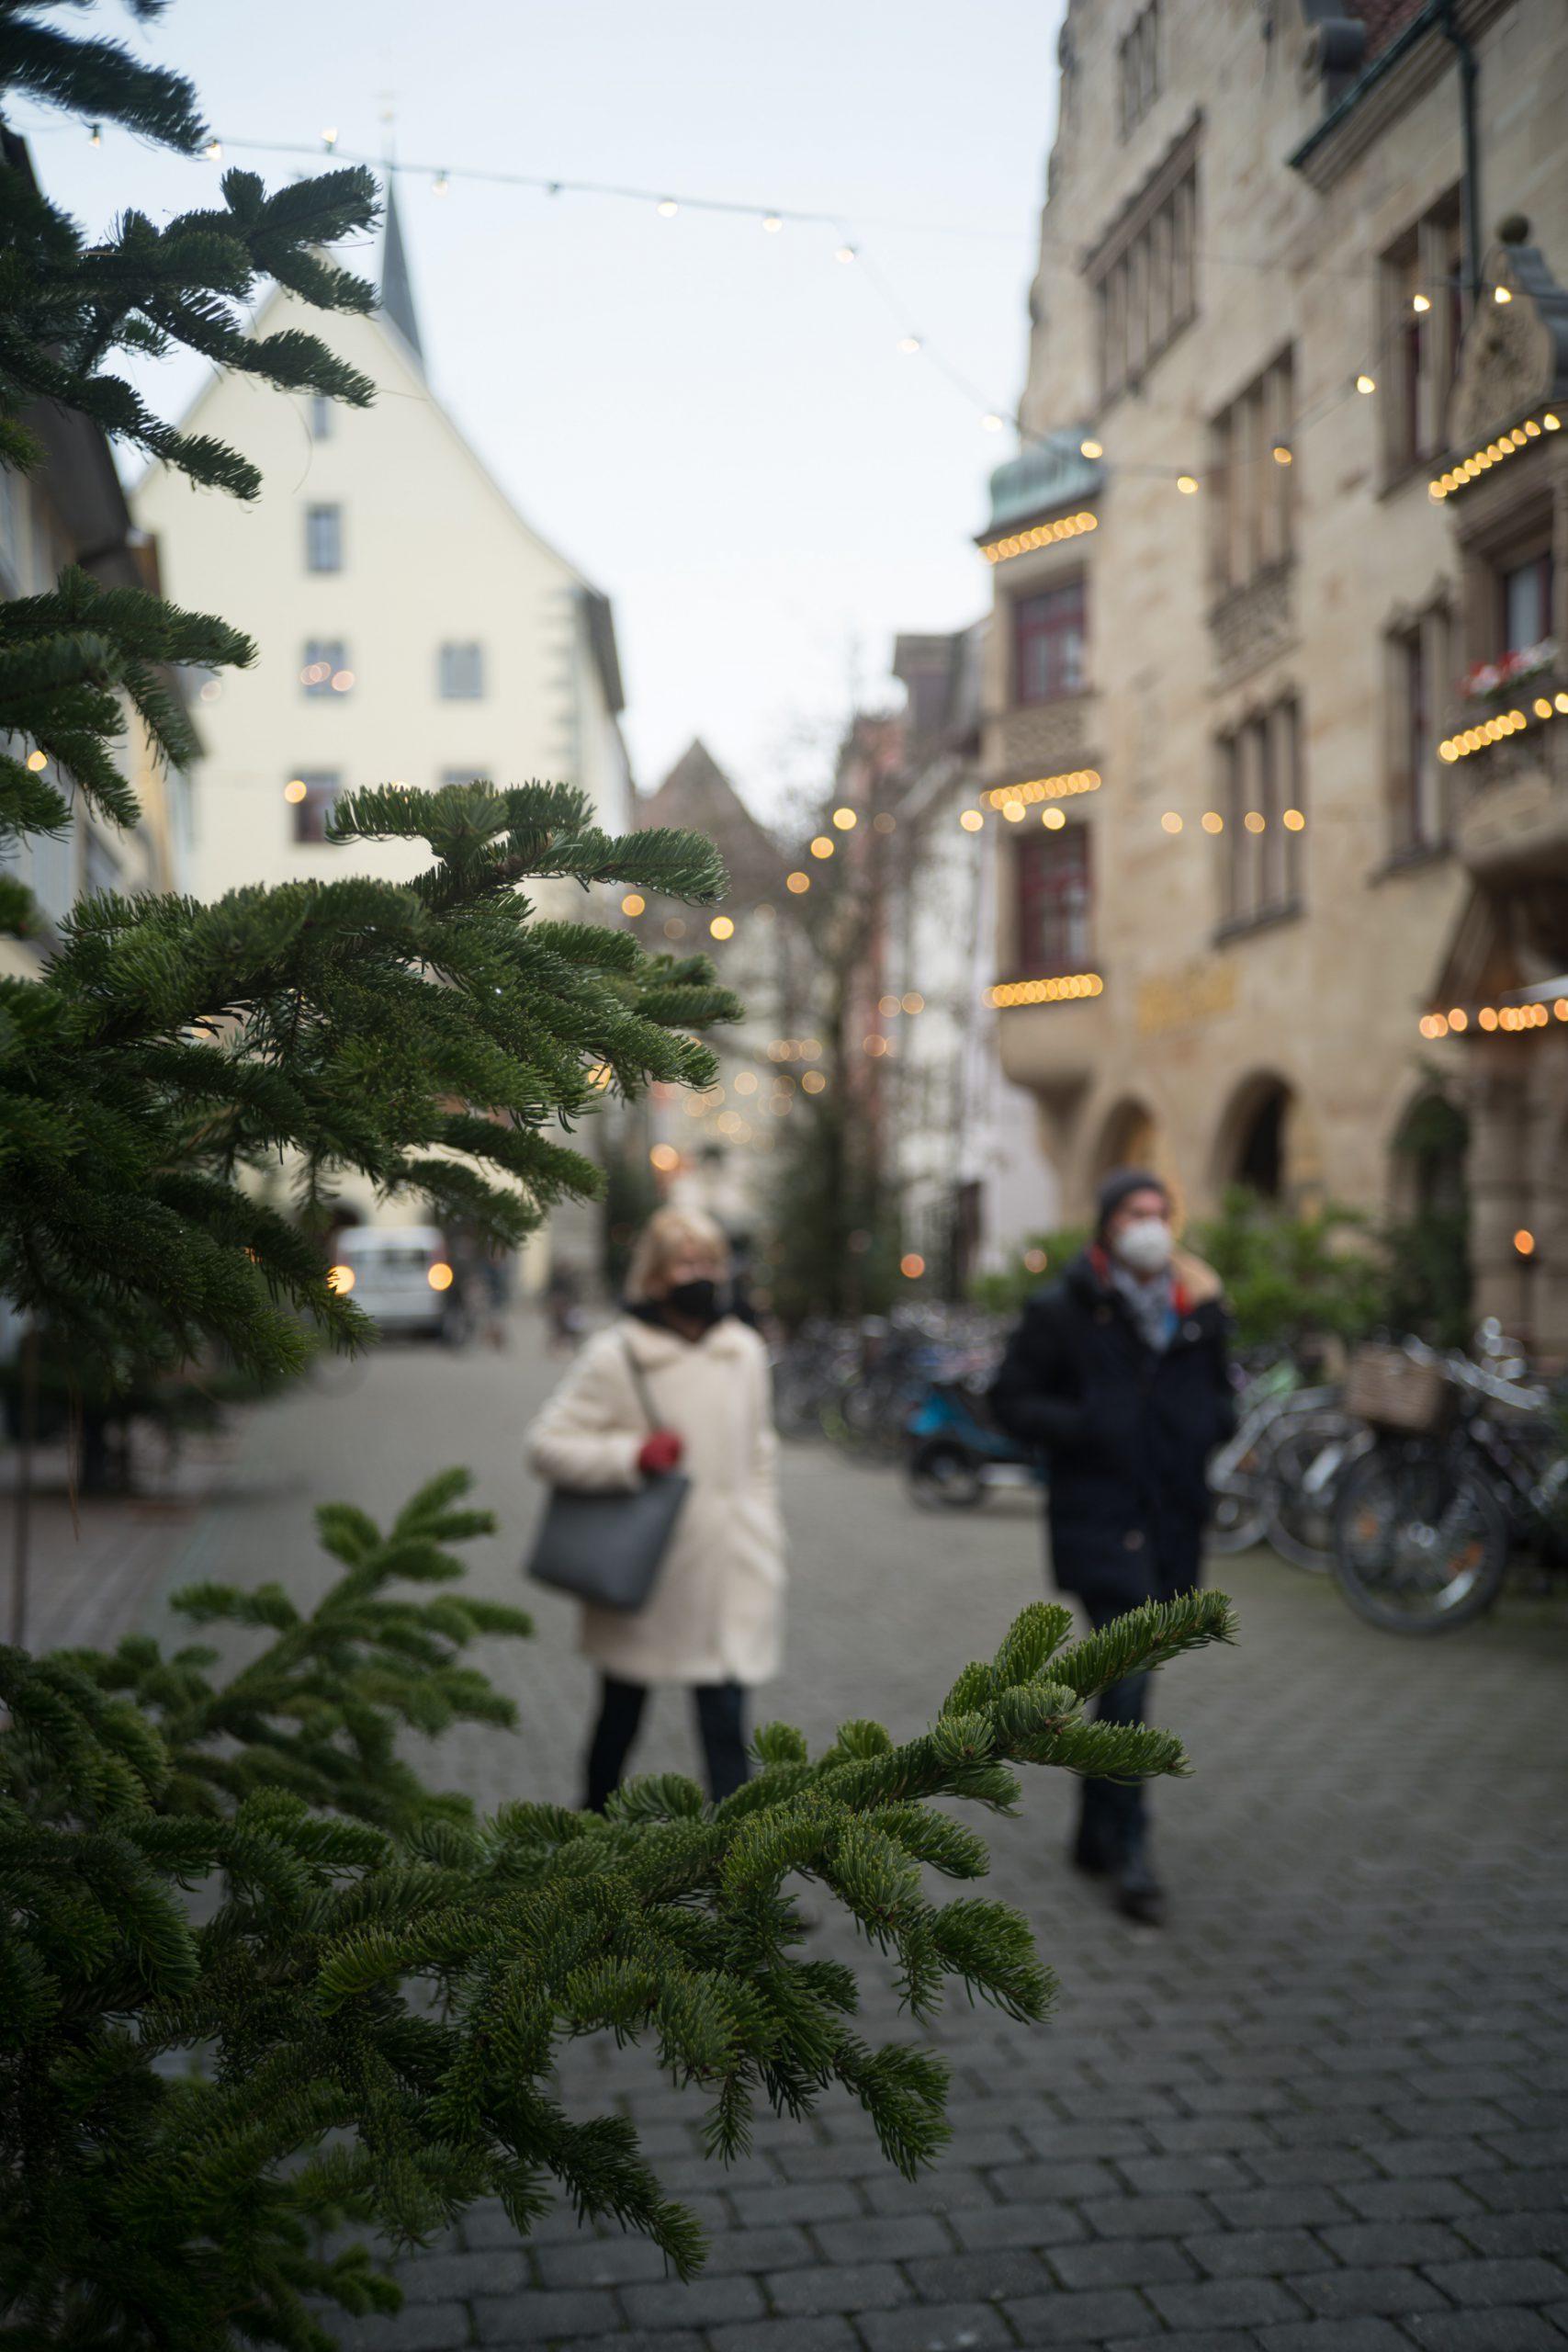 Mit Baum und Maske: Konstanzer Altstadt vor Weihnachten und Winter-Lockdown 2020. Rollei Sonnar 40/2.8 an Leica SL.